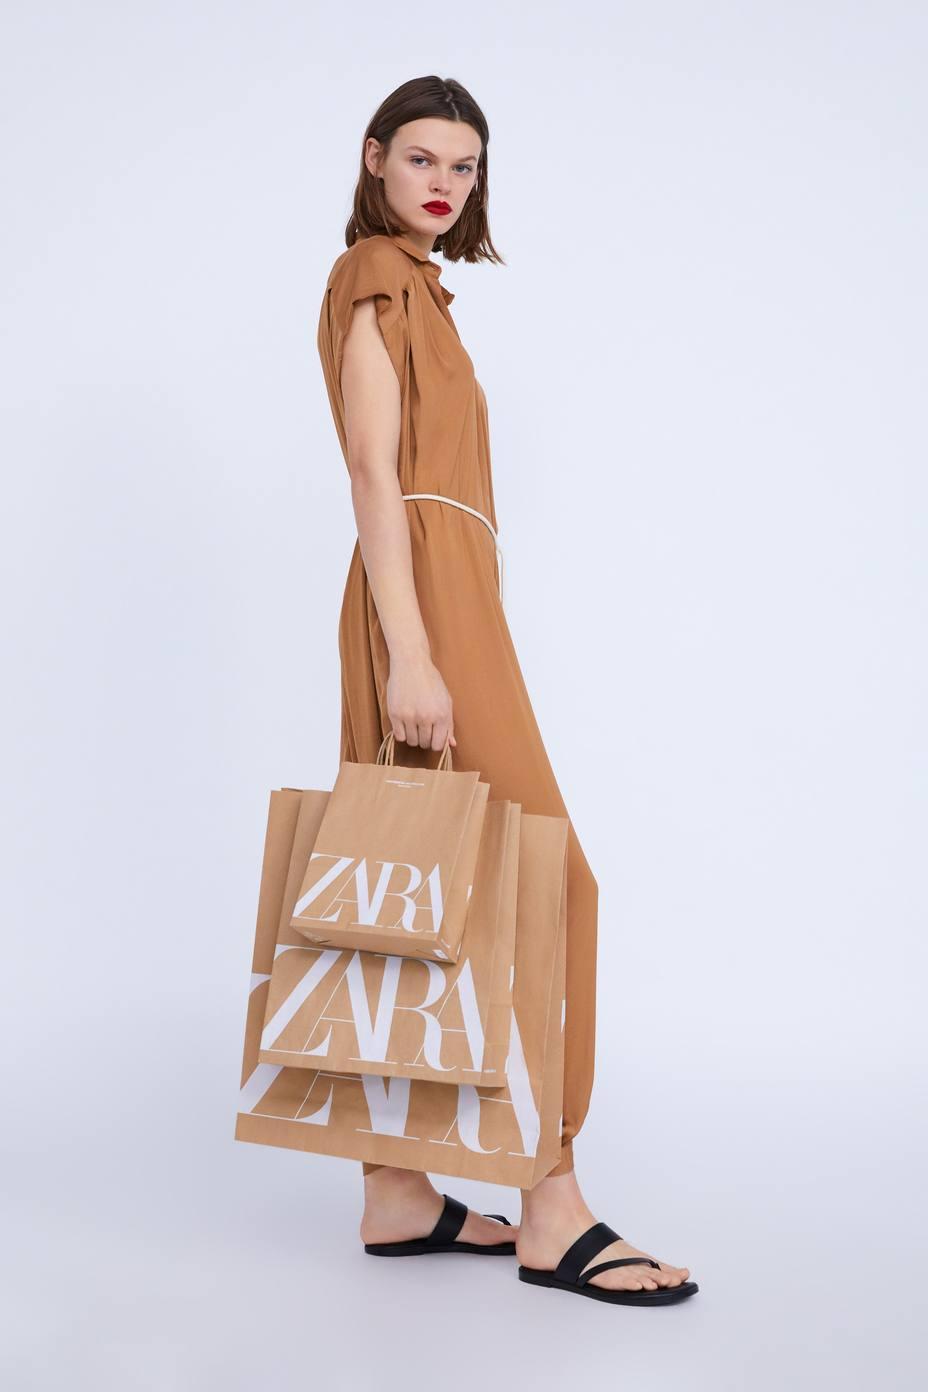 Zara eliminará desde el viernes las bolsas de plástico y usará solo bolsas de papel reciclado